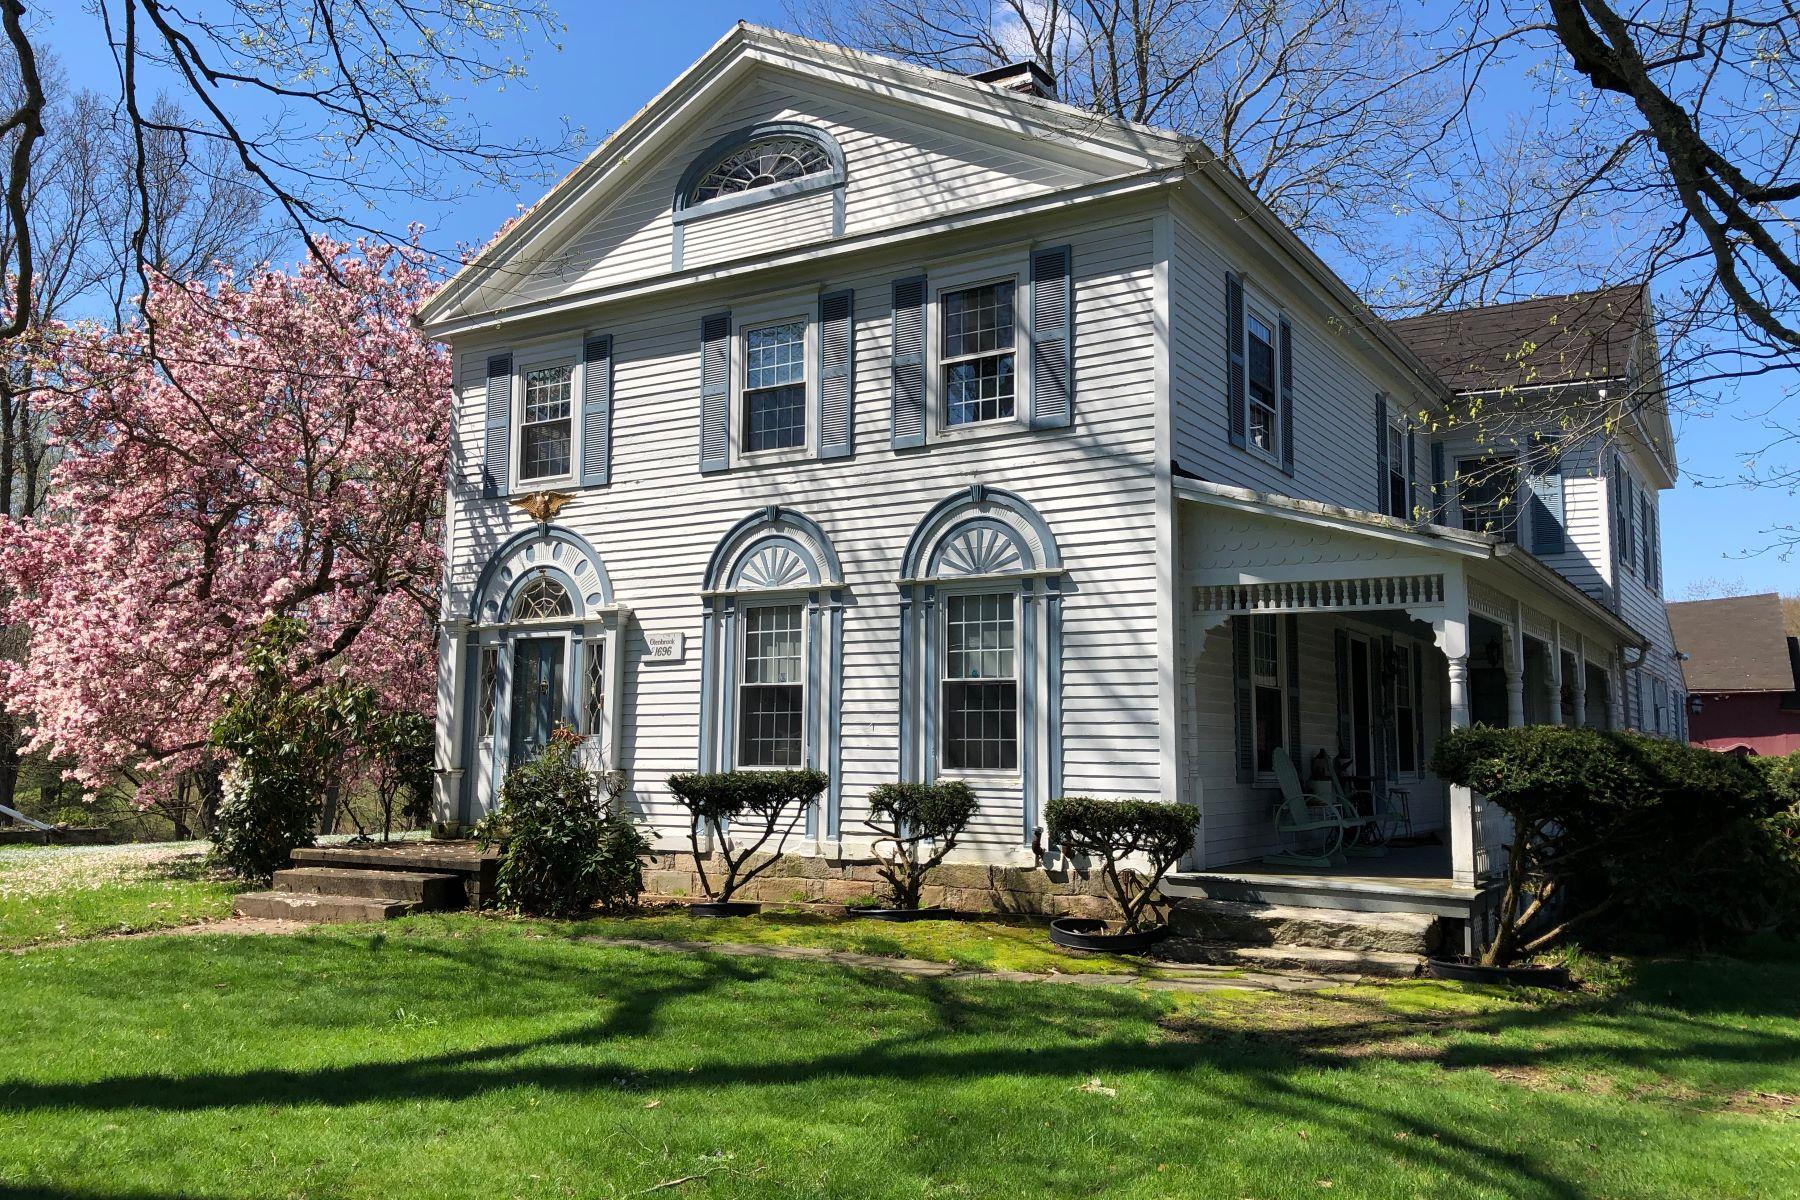 Μονοκατοικία για την Πώληση στο Picturesque Antique Colonial Estate 429 Quaker Farms Road, Οξφόρδη, Κονεκτικατ 06478 Ηνωμένες Πολιτείες